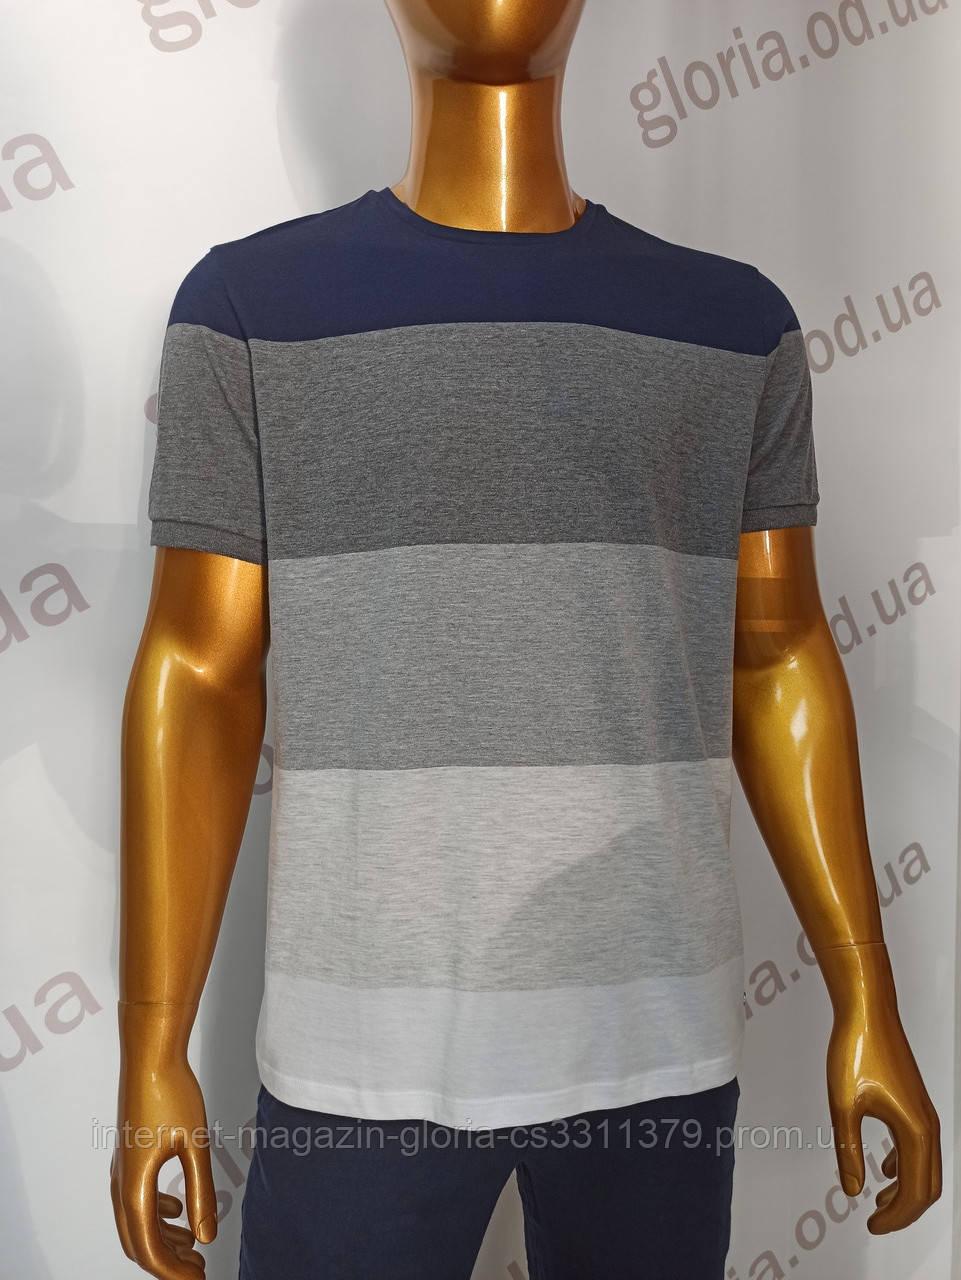 Мужская футболка MCL. Mod.35217(полоска). Размеры: M,L,XL,XXL.